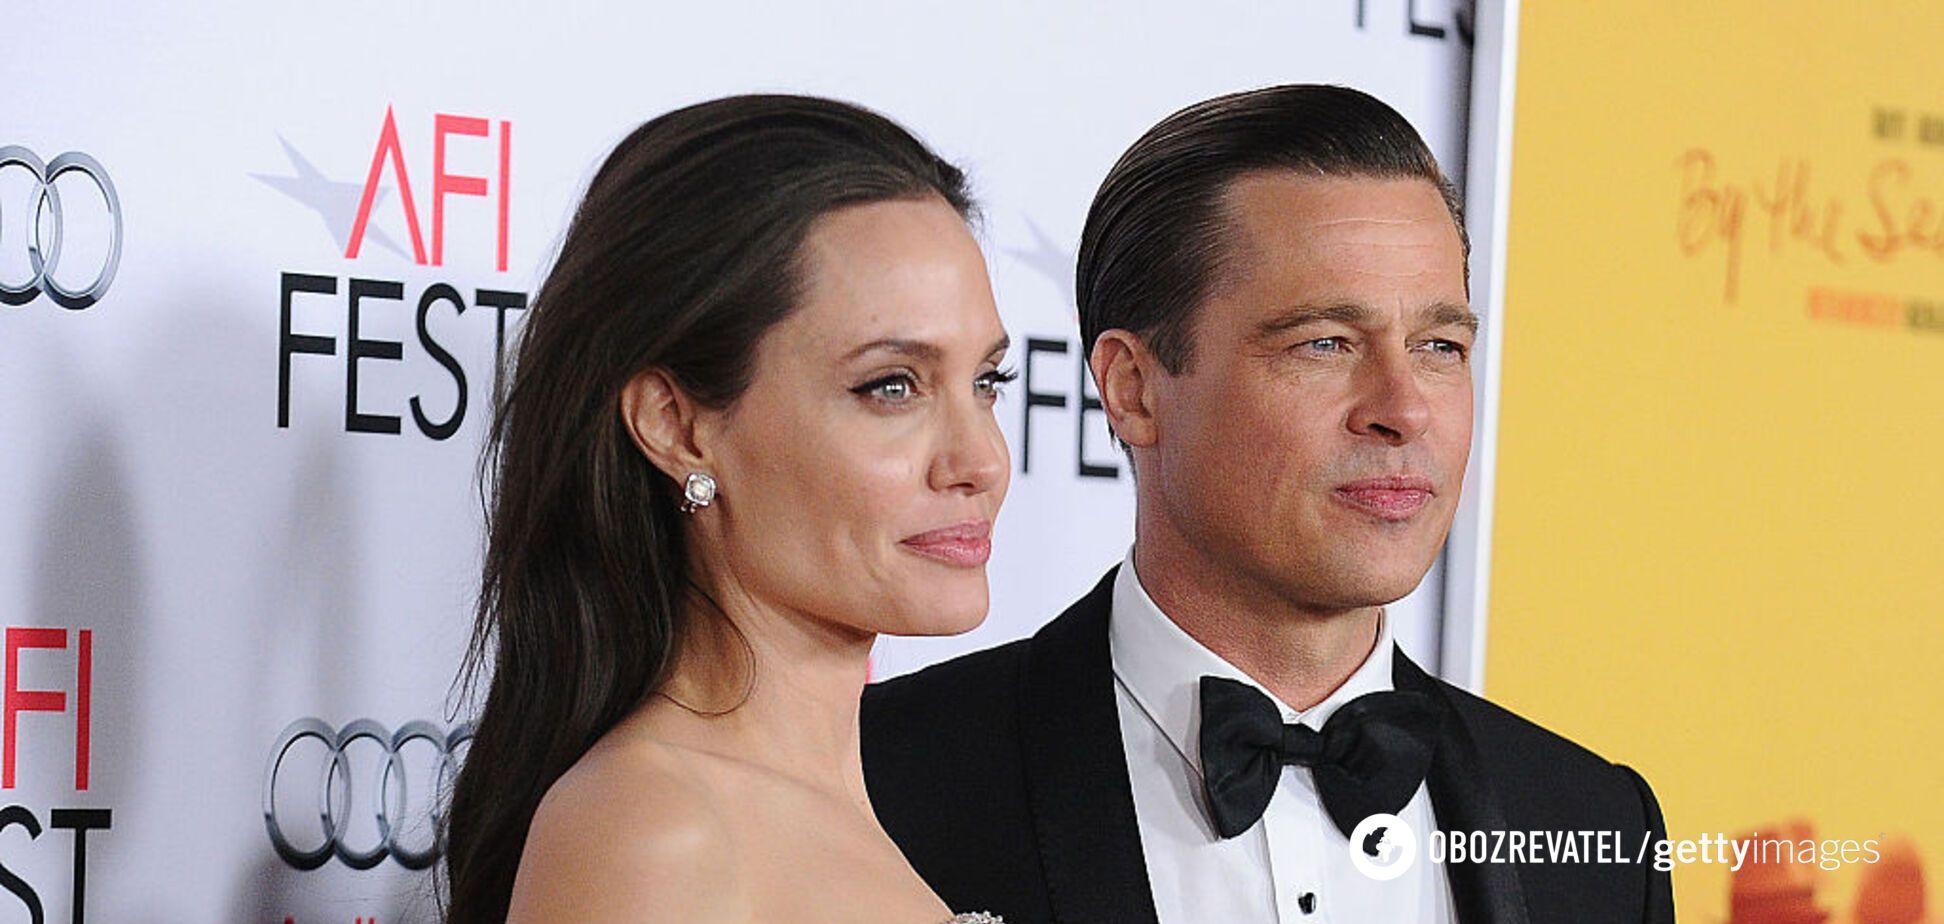 Анджеліна Джолі підтвердила факт домашнього насильства з боку Пітта